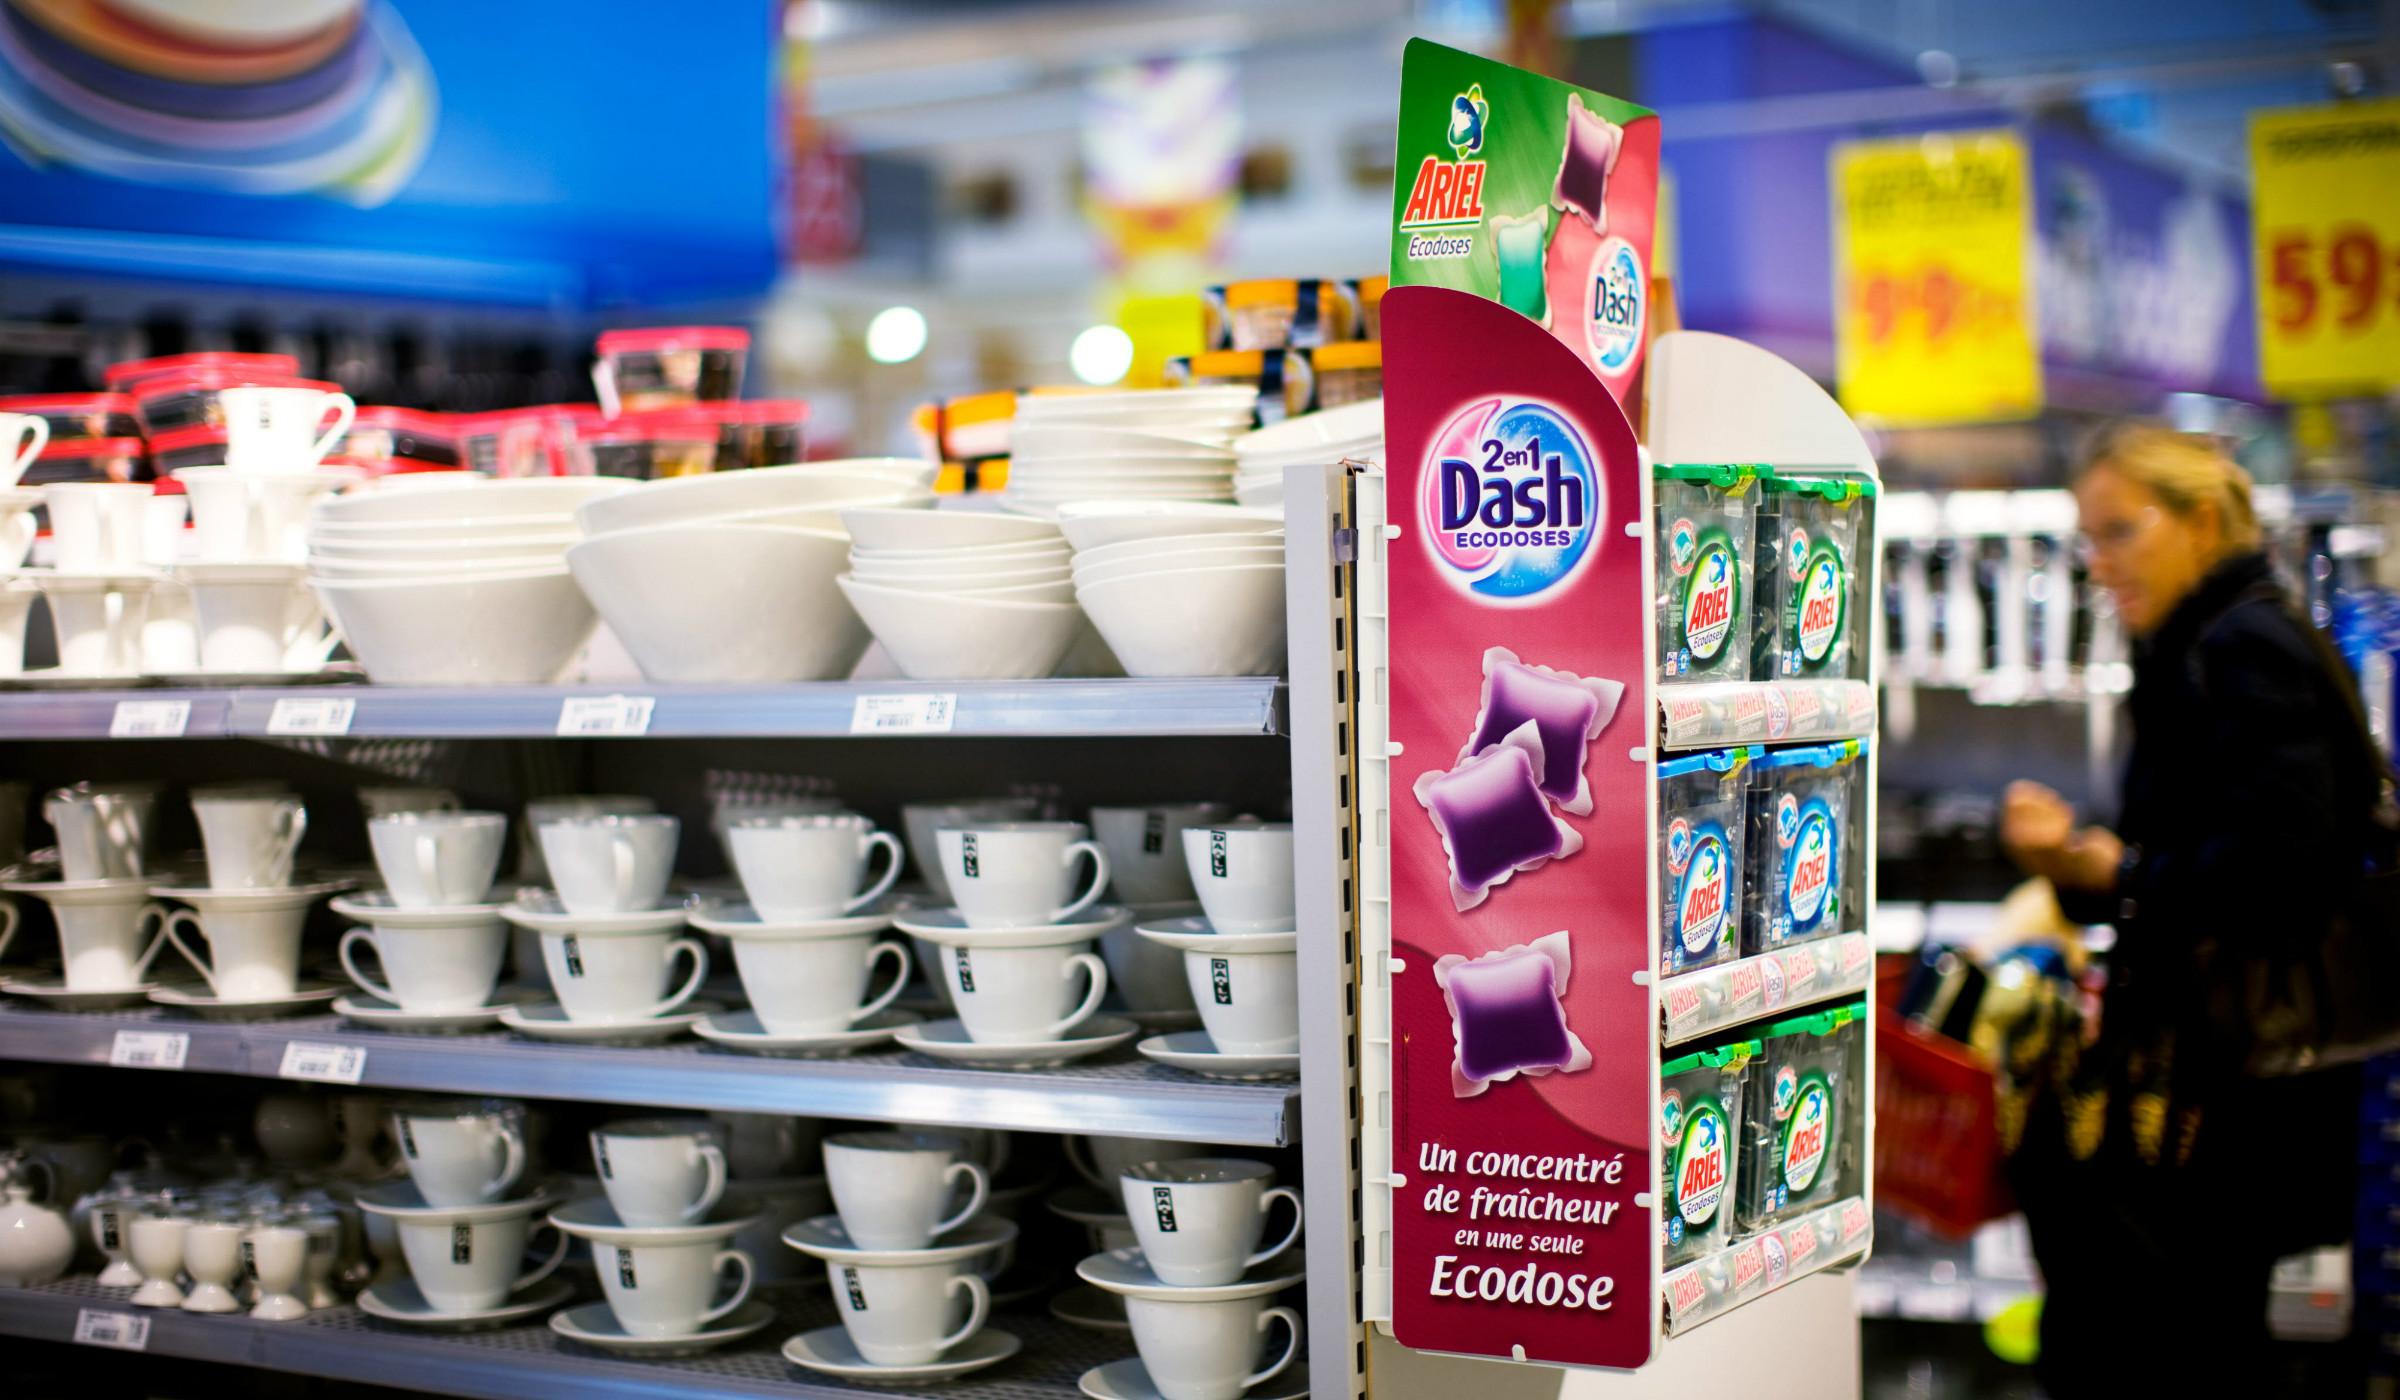 merchandising como herramienta del trade marketing